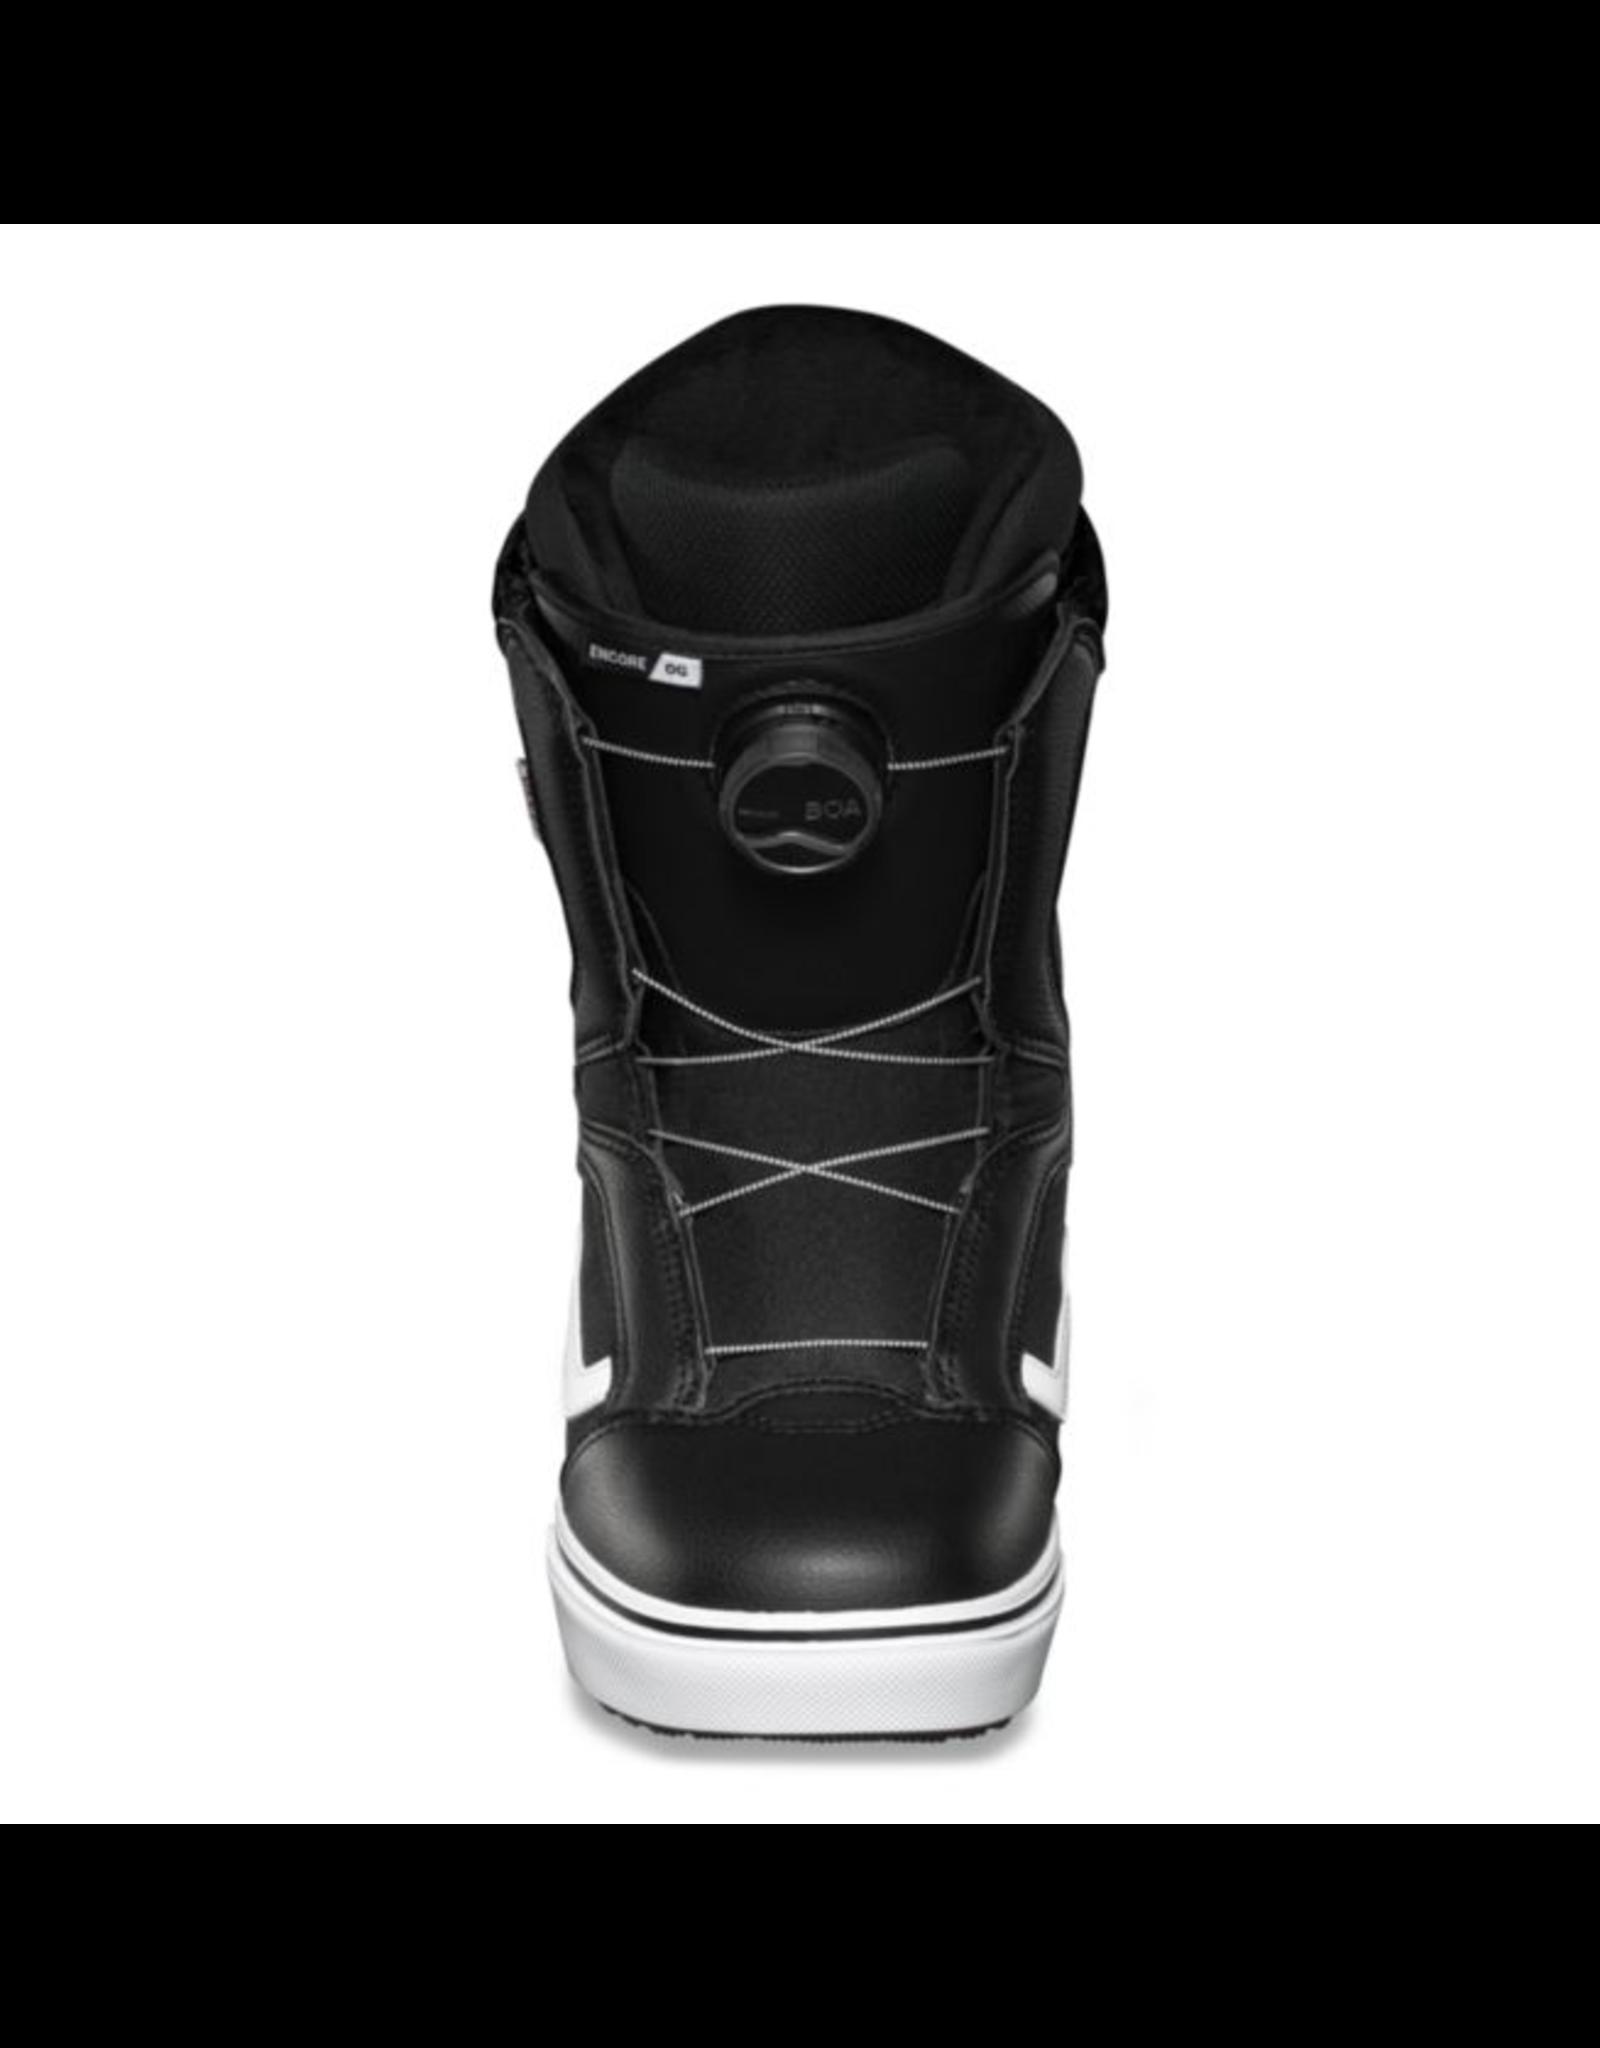 vans Vans - Botte snowboard femme encore og black/white 20